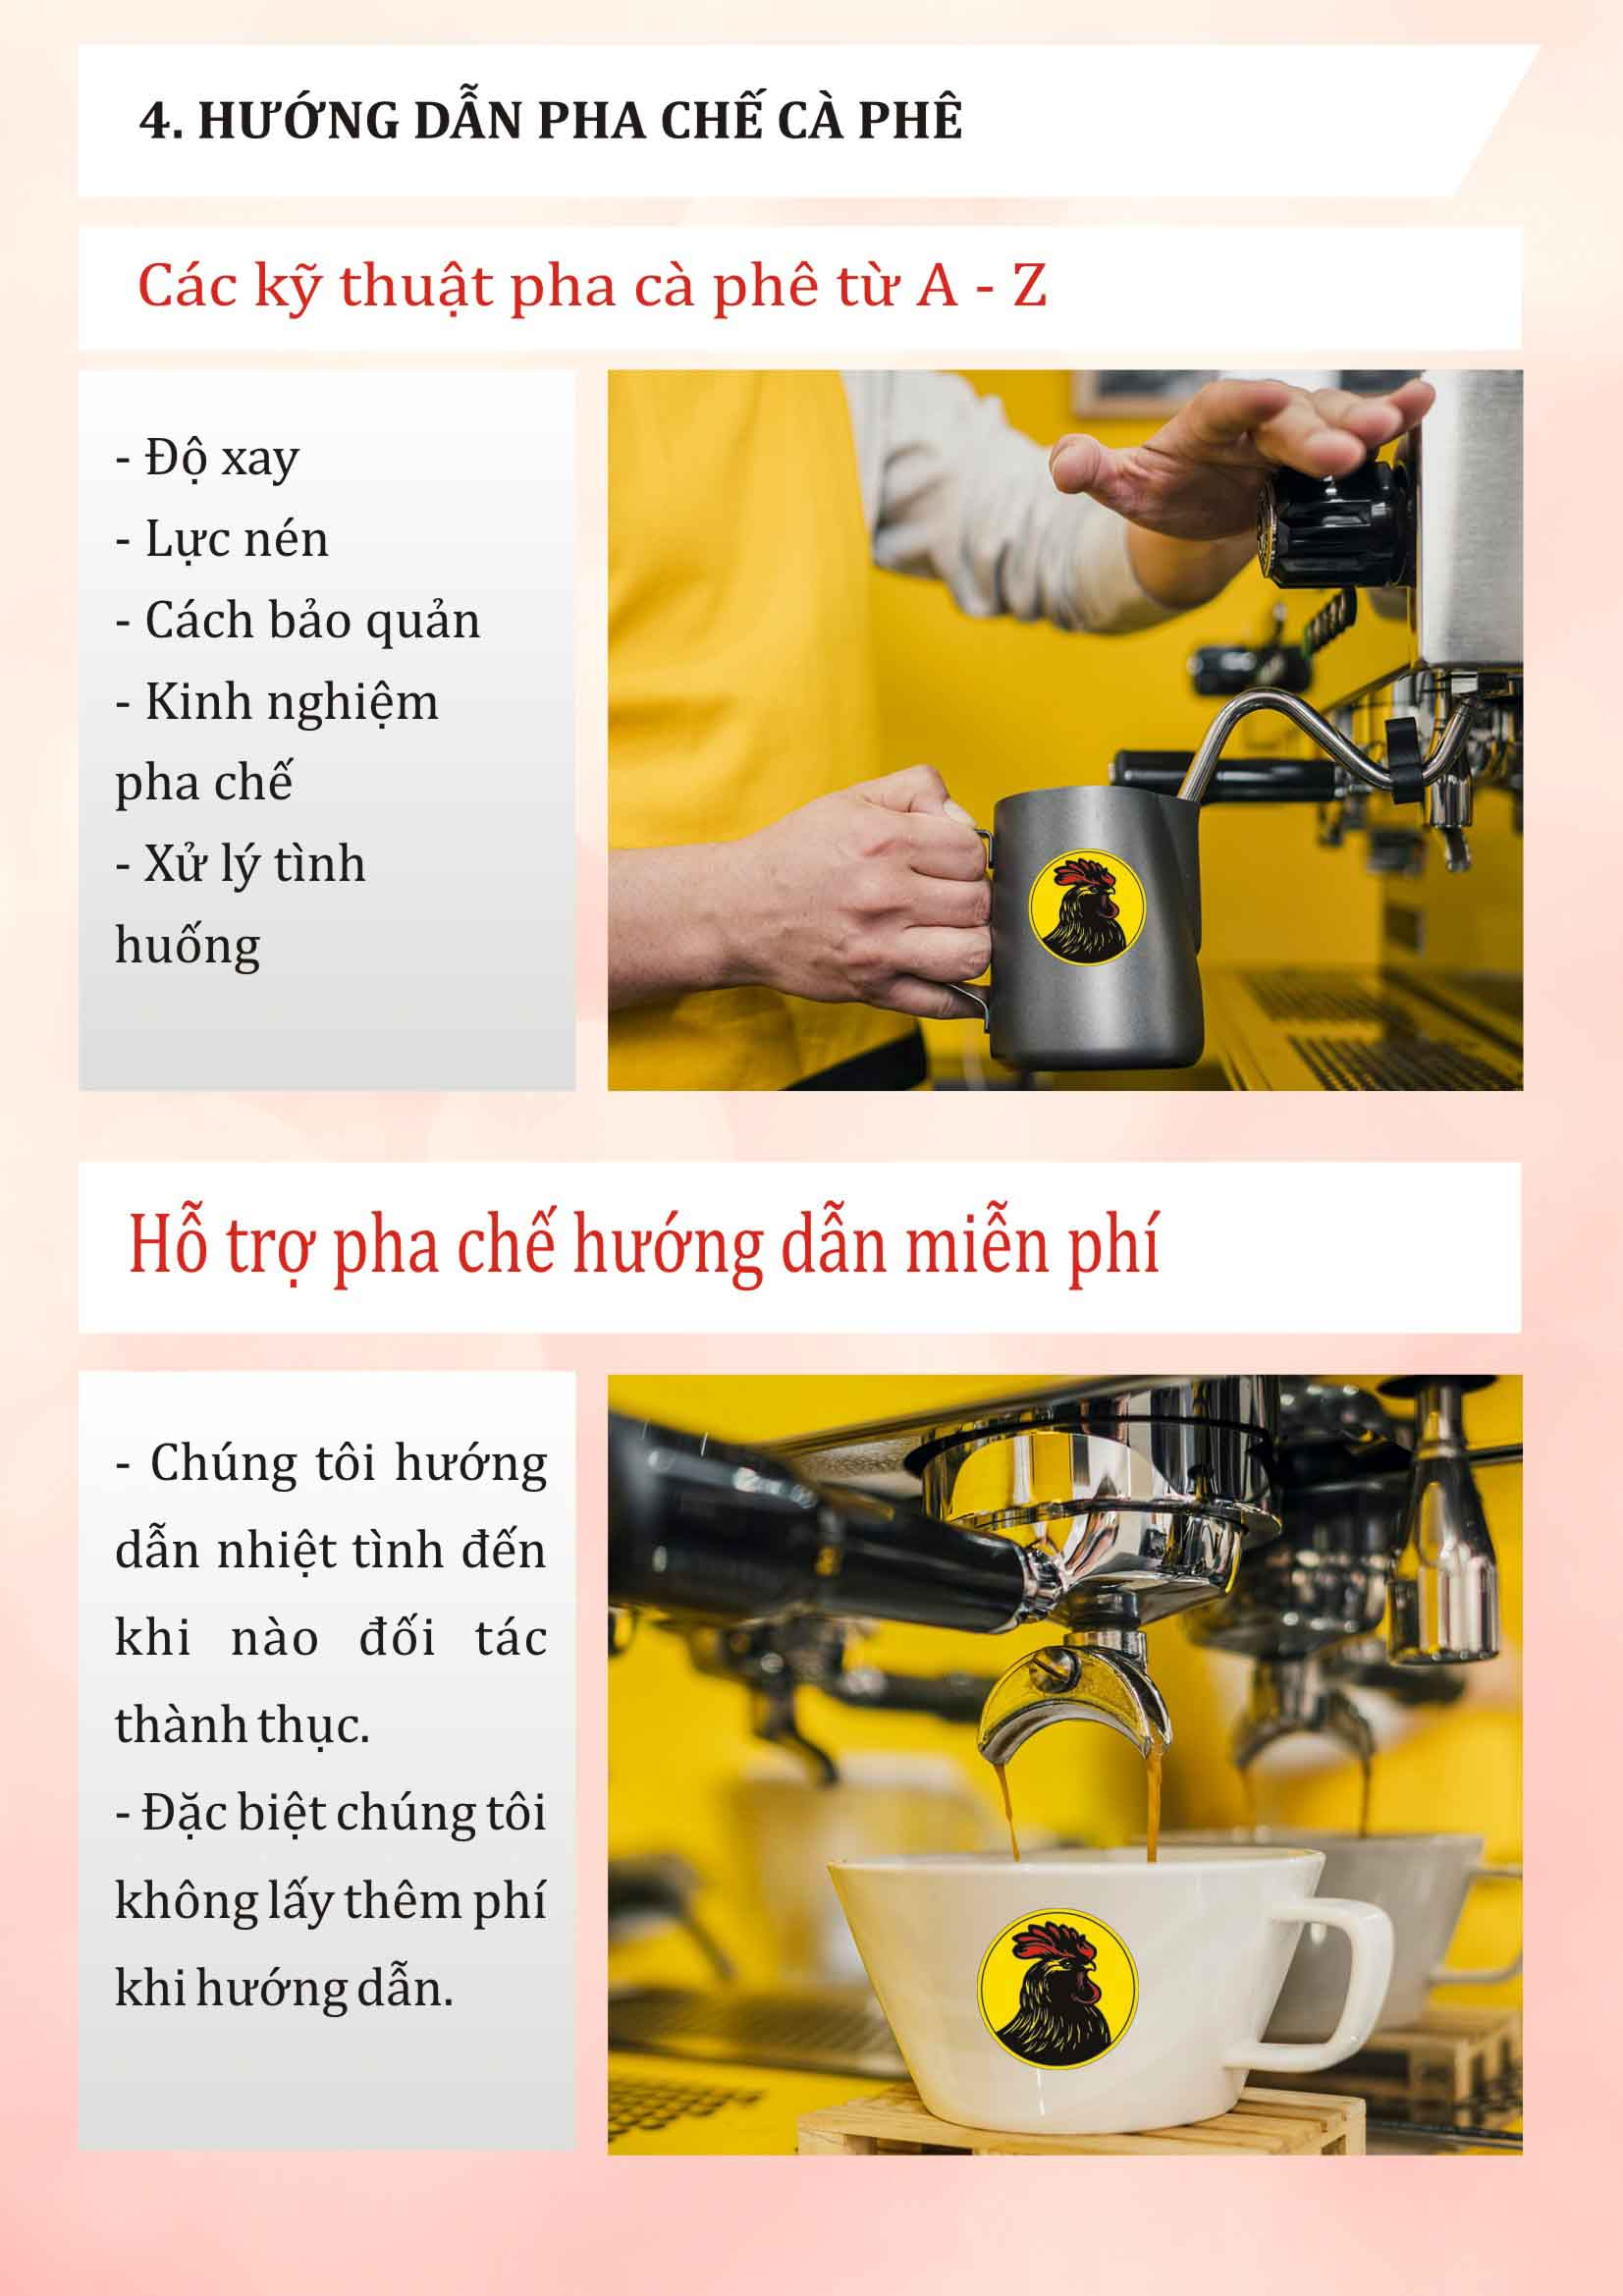 Đào tạo hướng dẫn pha chế cho đối tác khi thuê xe bán cà phê pha máy